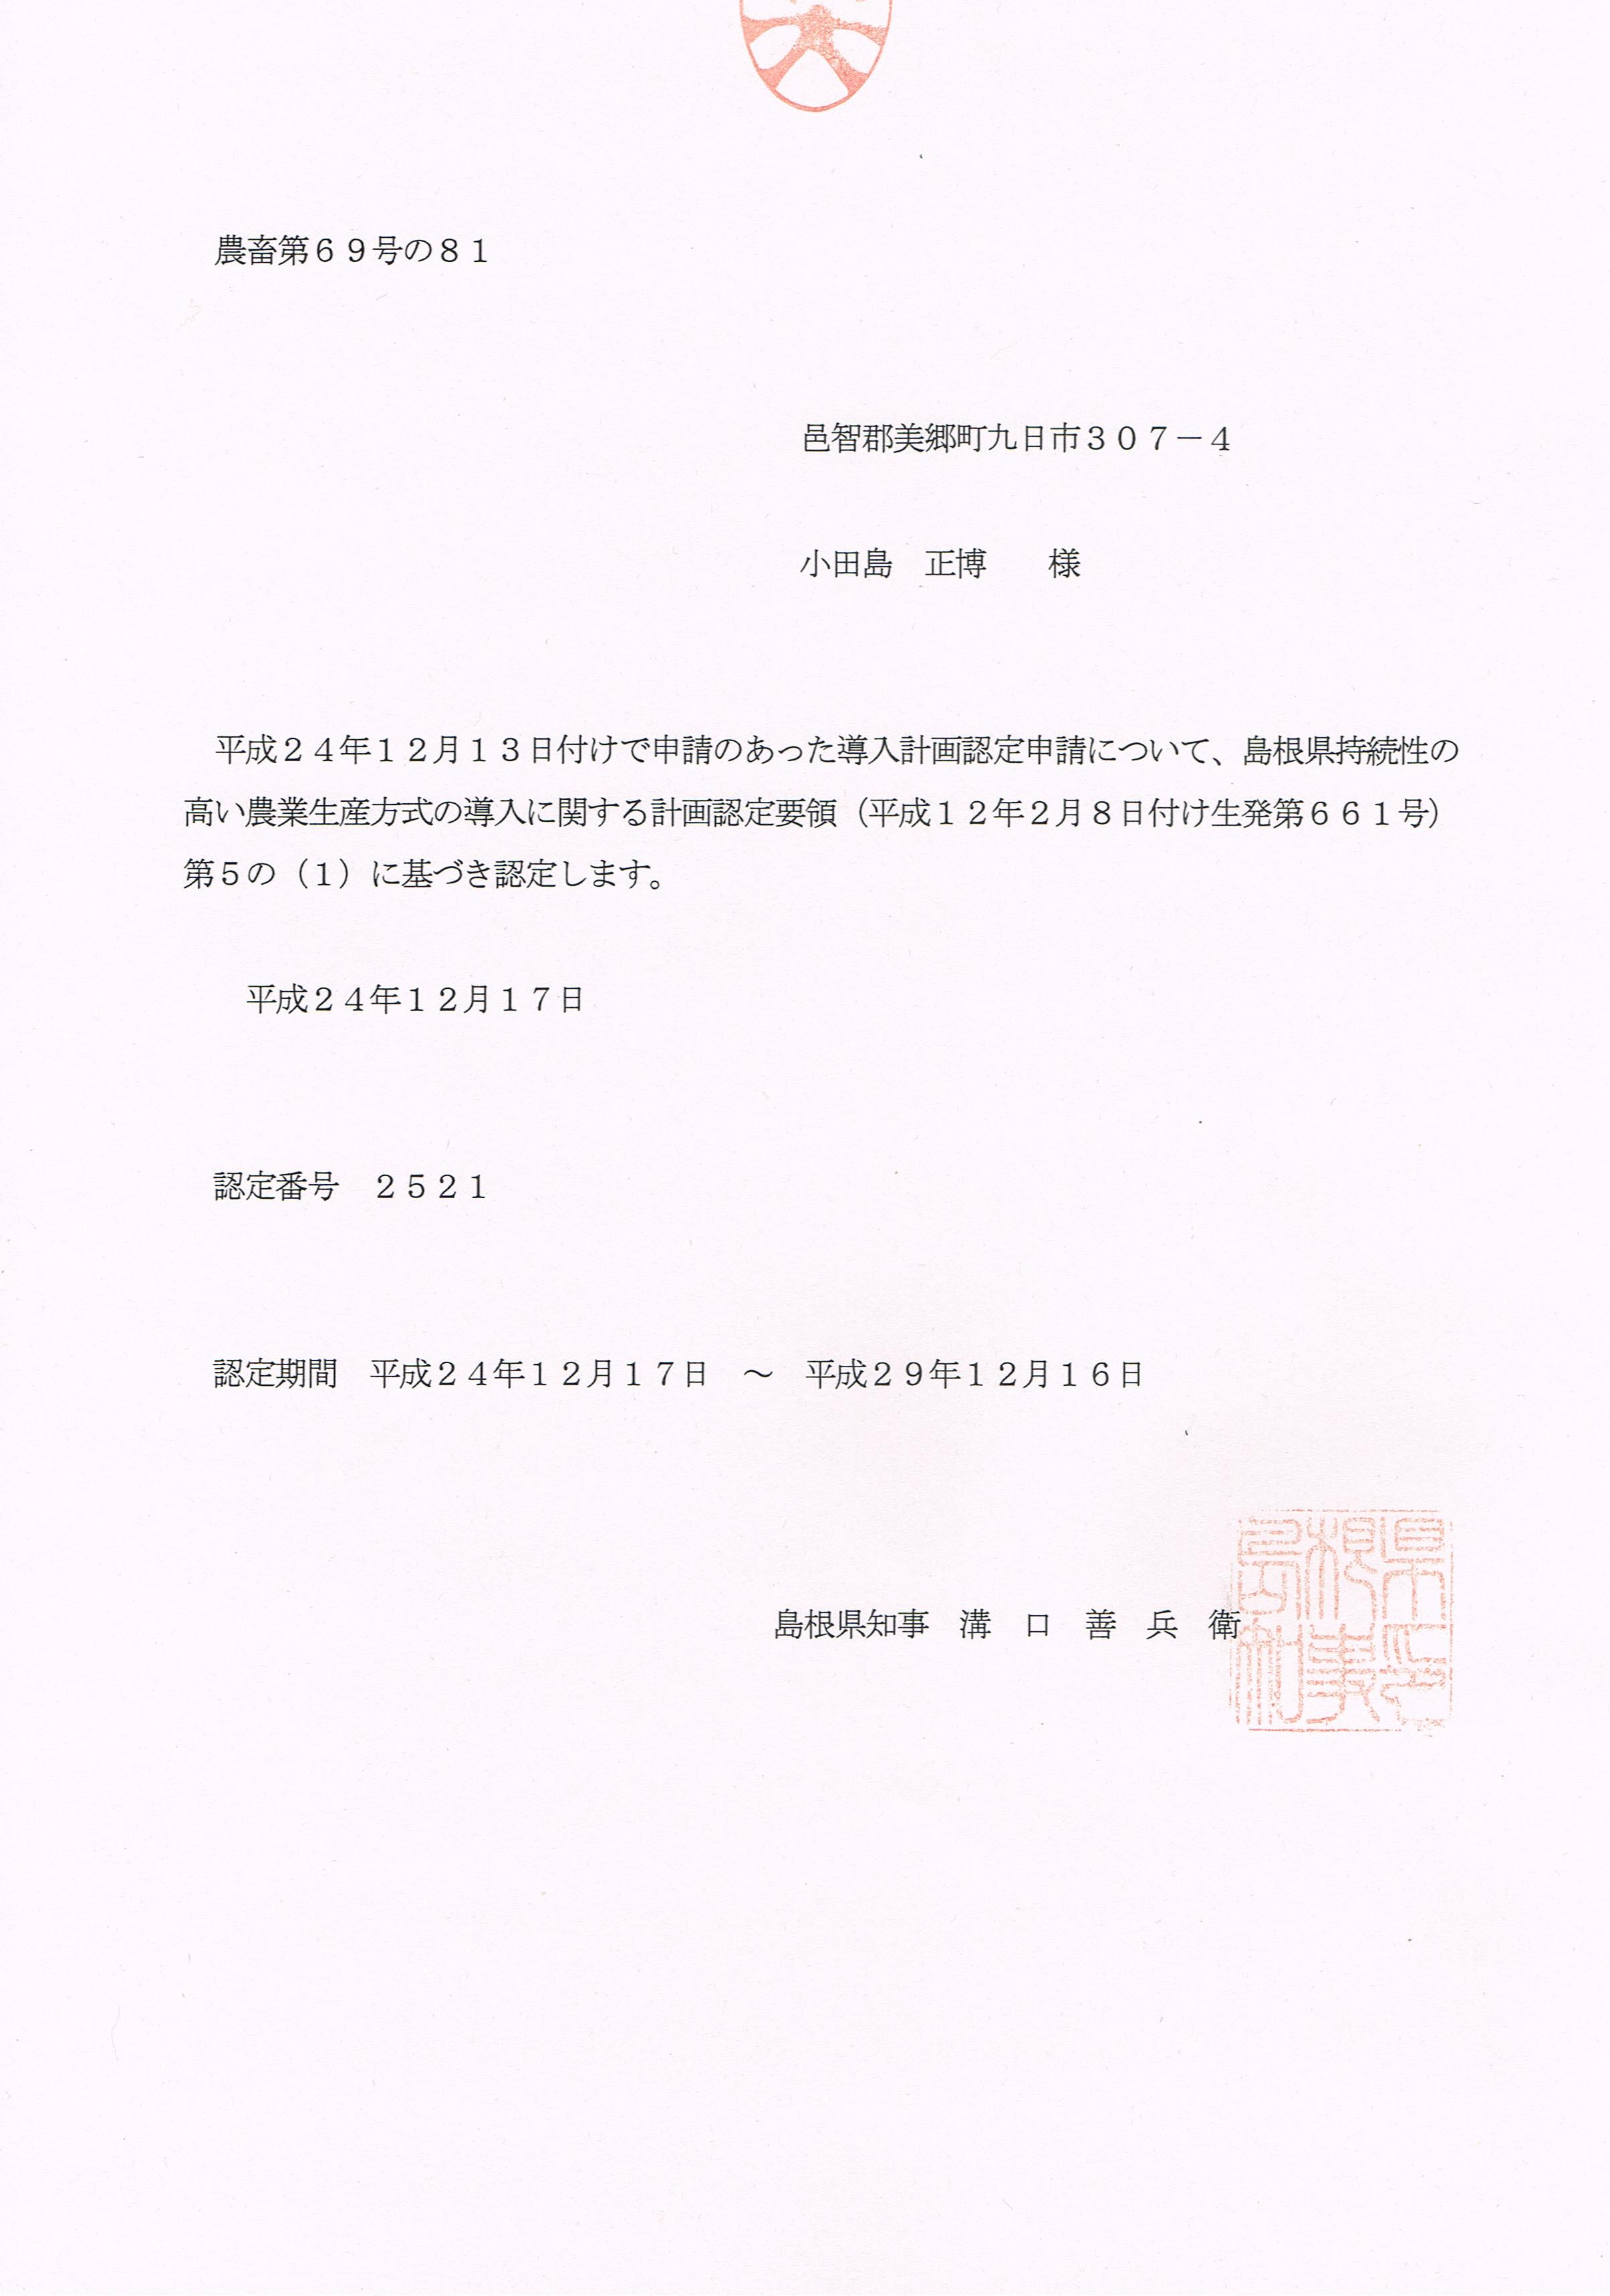 島根県エコファーマー認定証